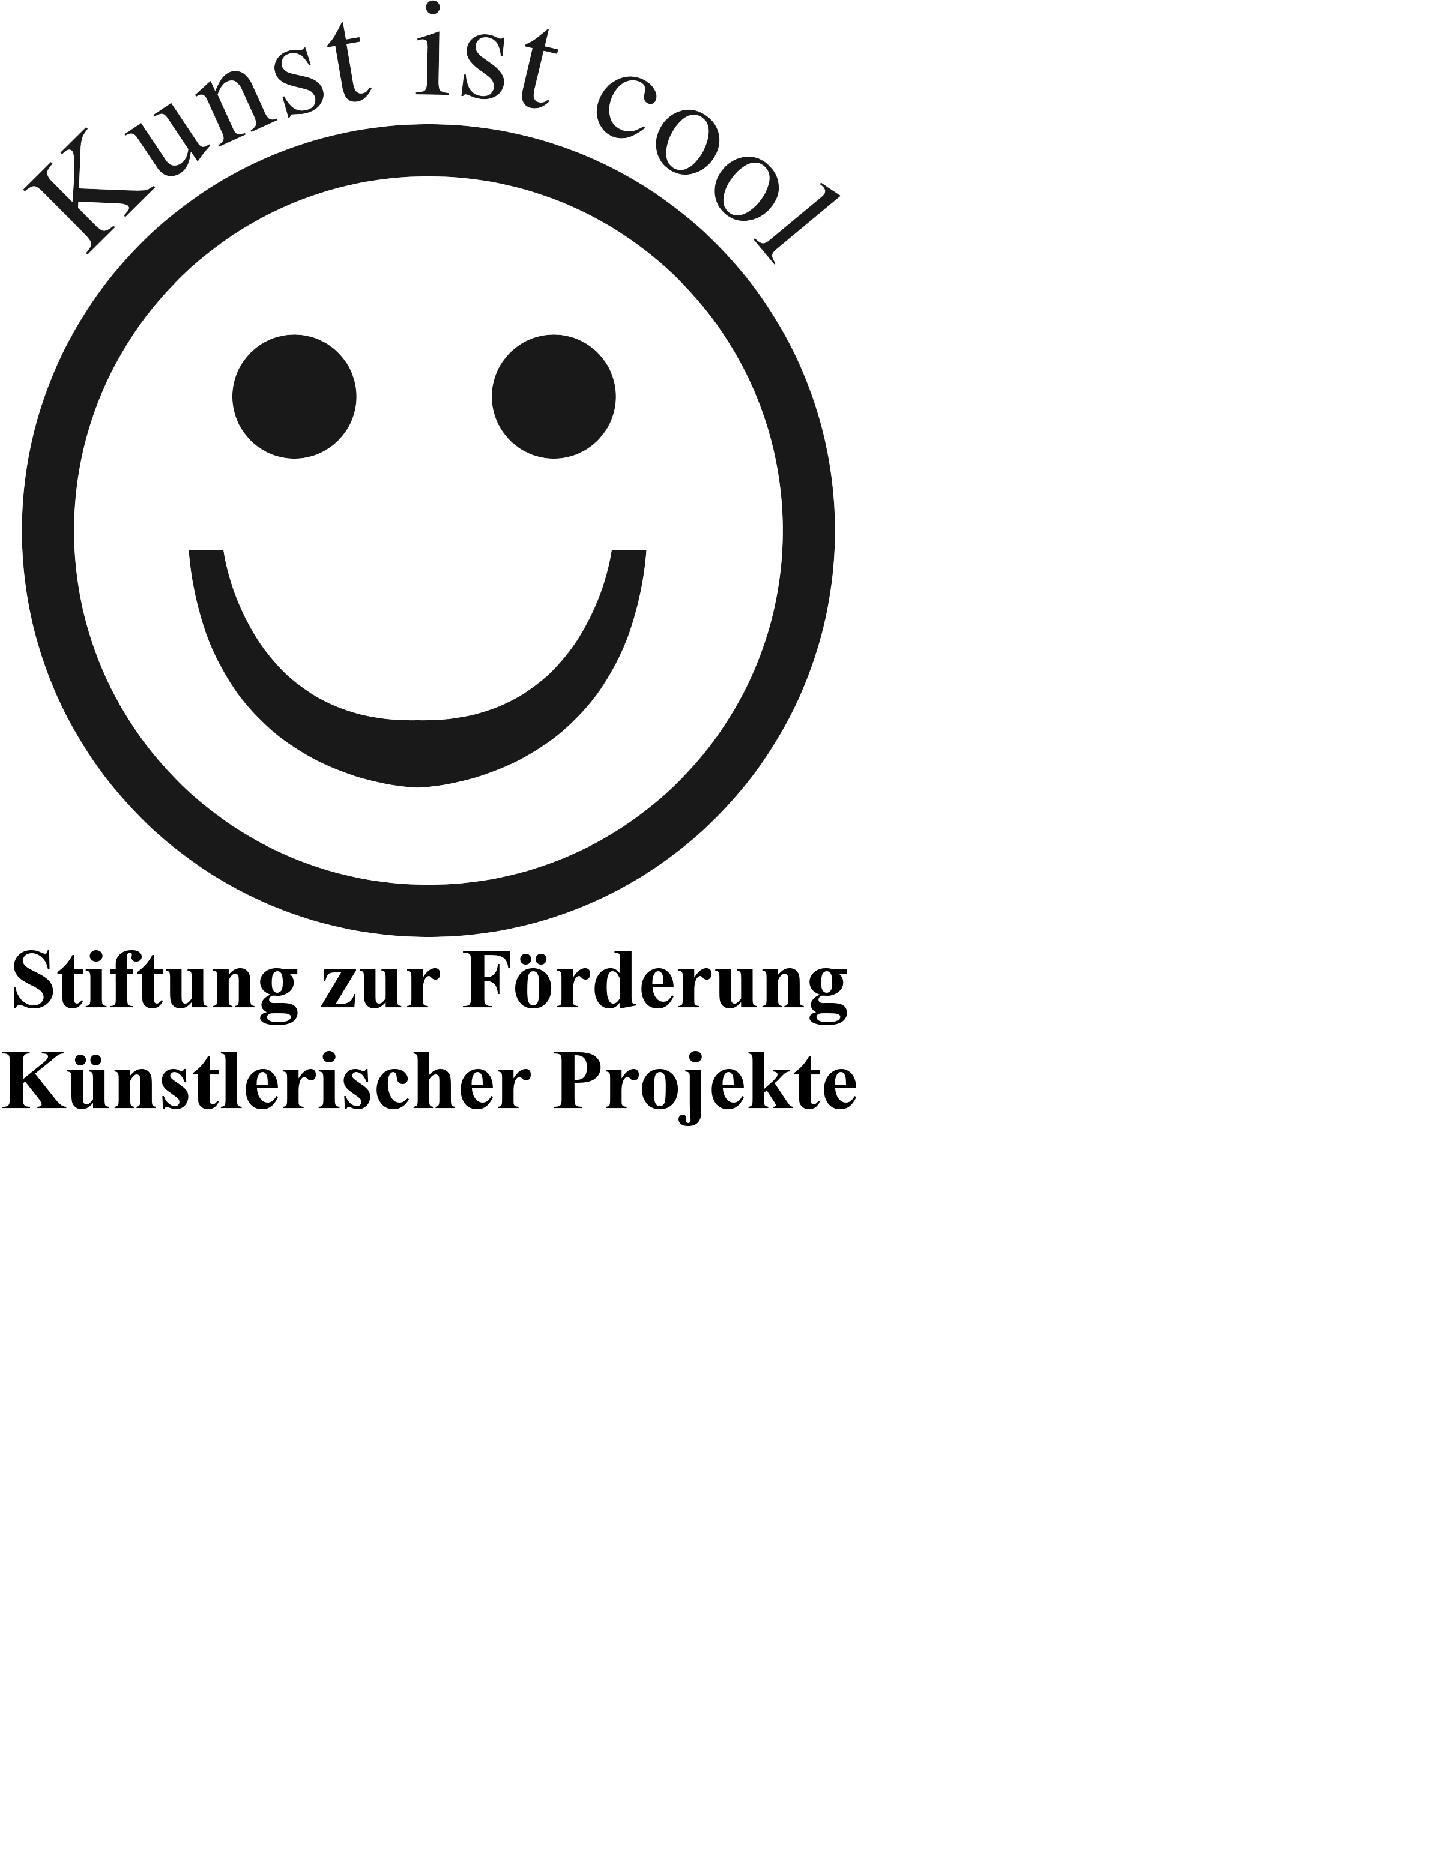 Stiftung zur Förderung künstlerischer Projekte